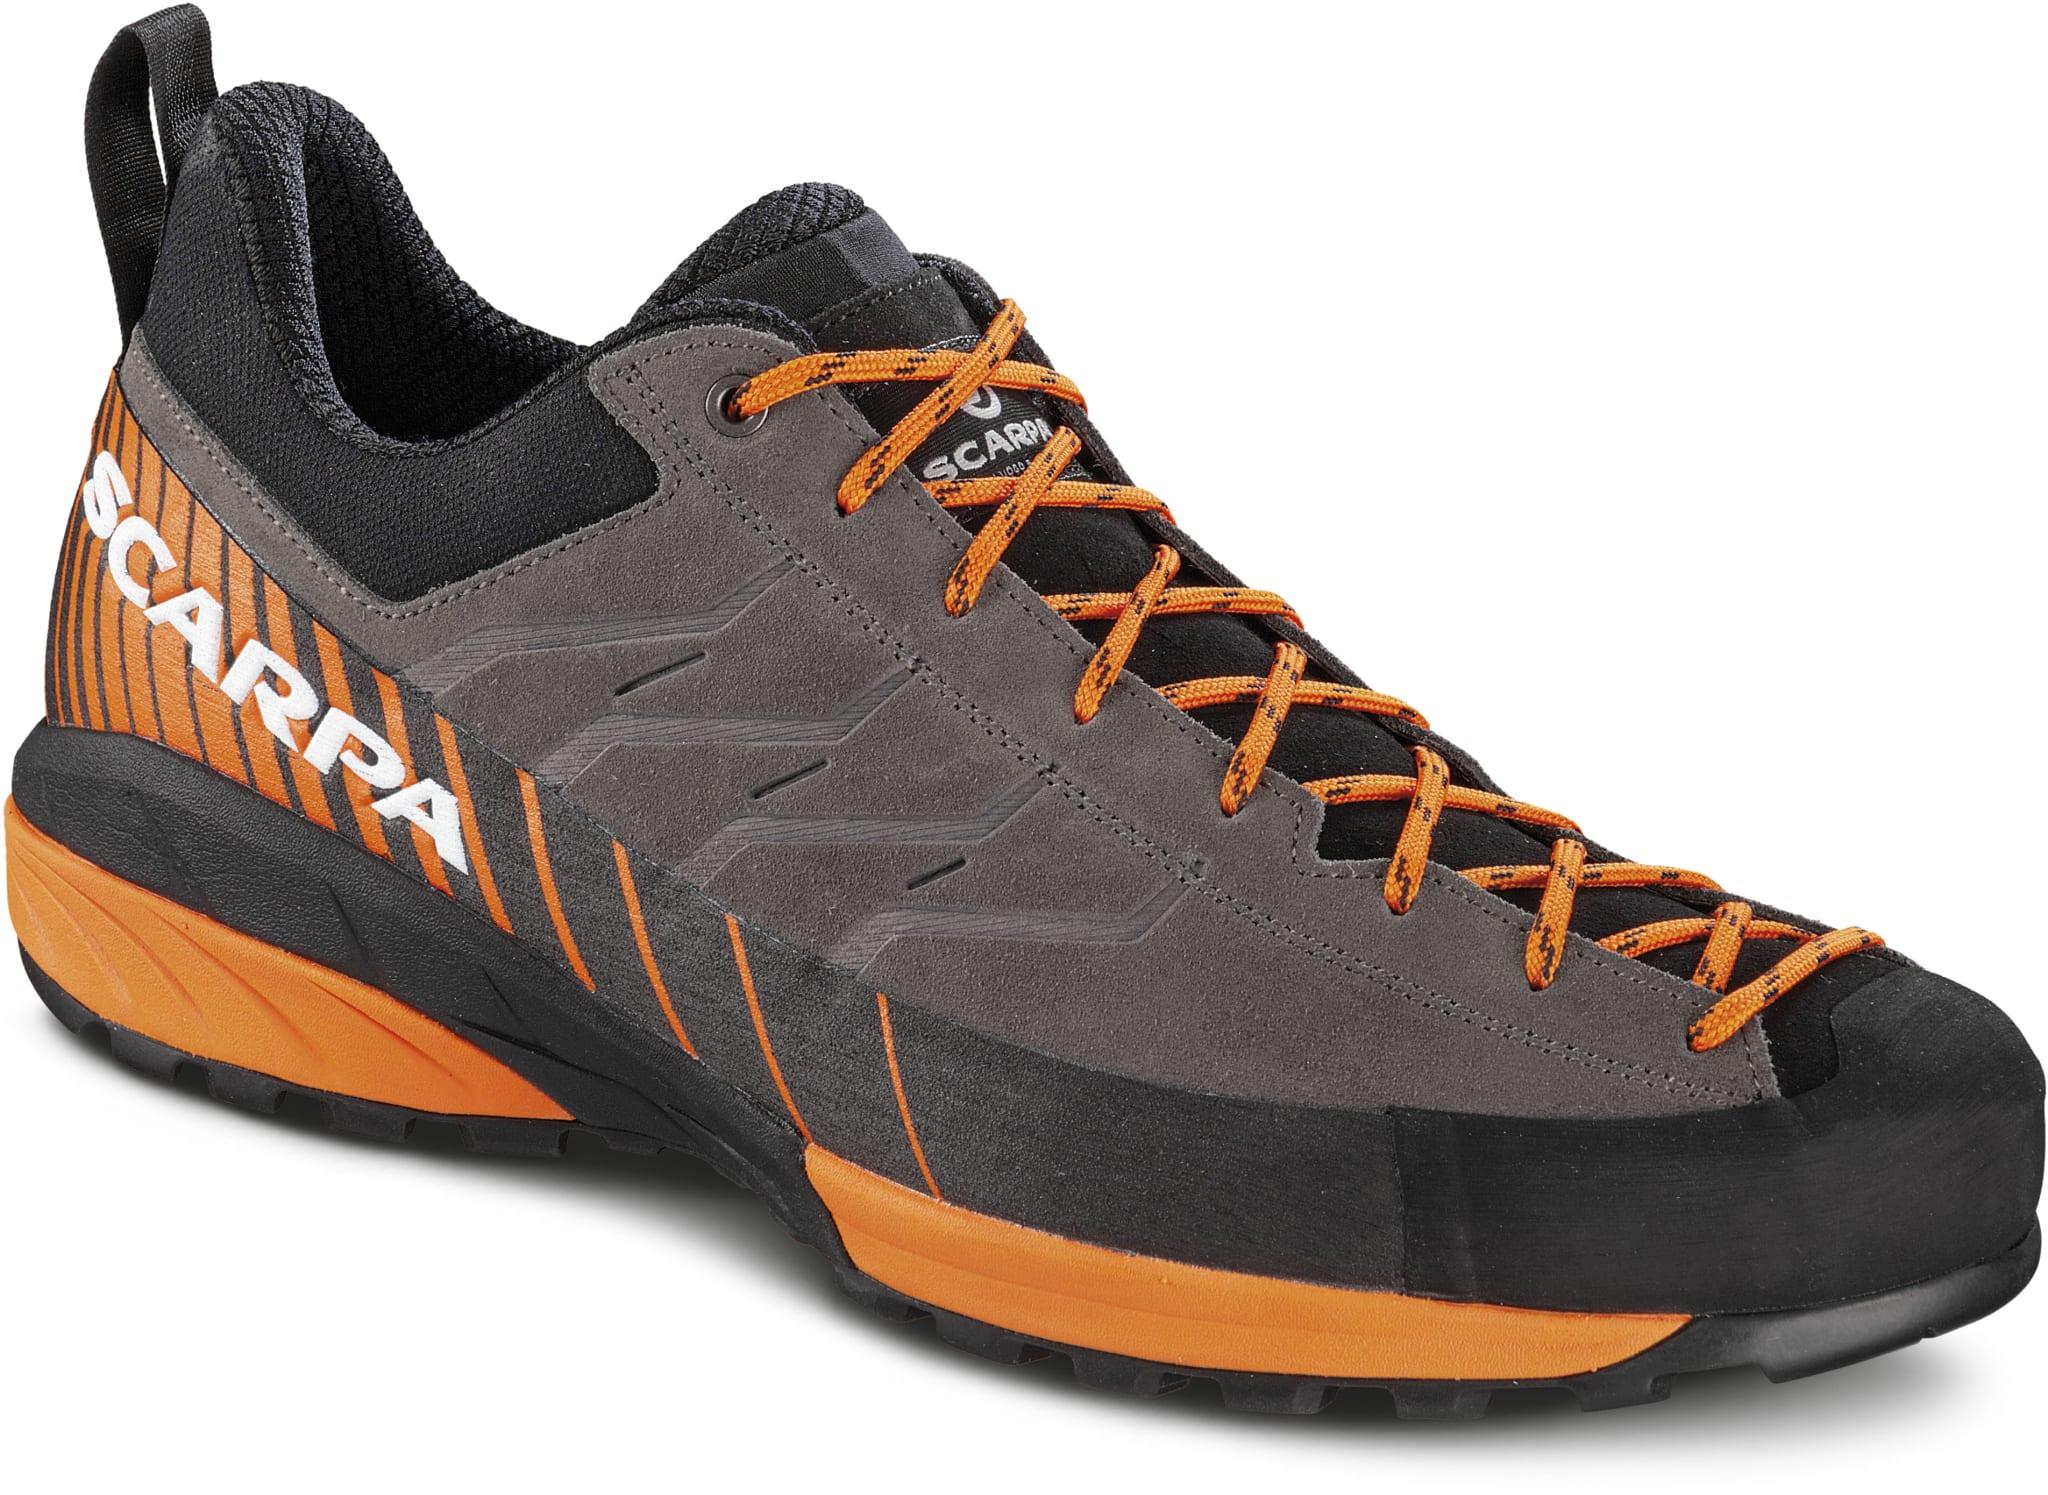 Teknisk sko for anmarsjer, via-ferrata og lette fotturer